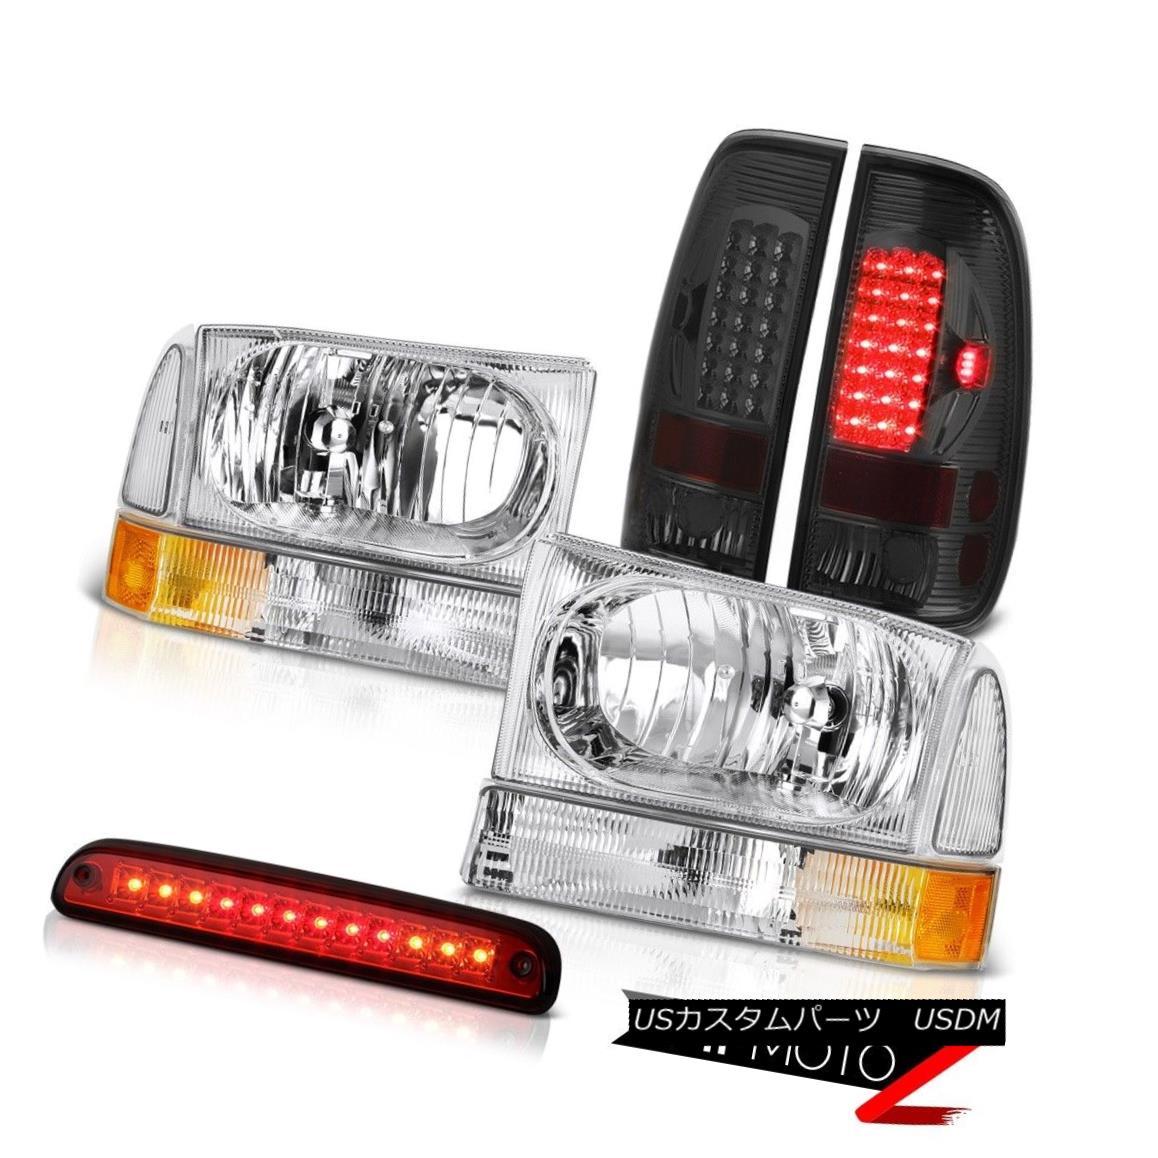 ヘッドライト Chrome Headlamps High Stop LED Wine Red Smoke Third Brake Lamps 99-04 F250 XL クロームヘッドランプハイストップLEDワインレッド煙第三ブレーキランプ99-04 F250 XL